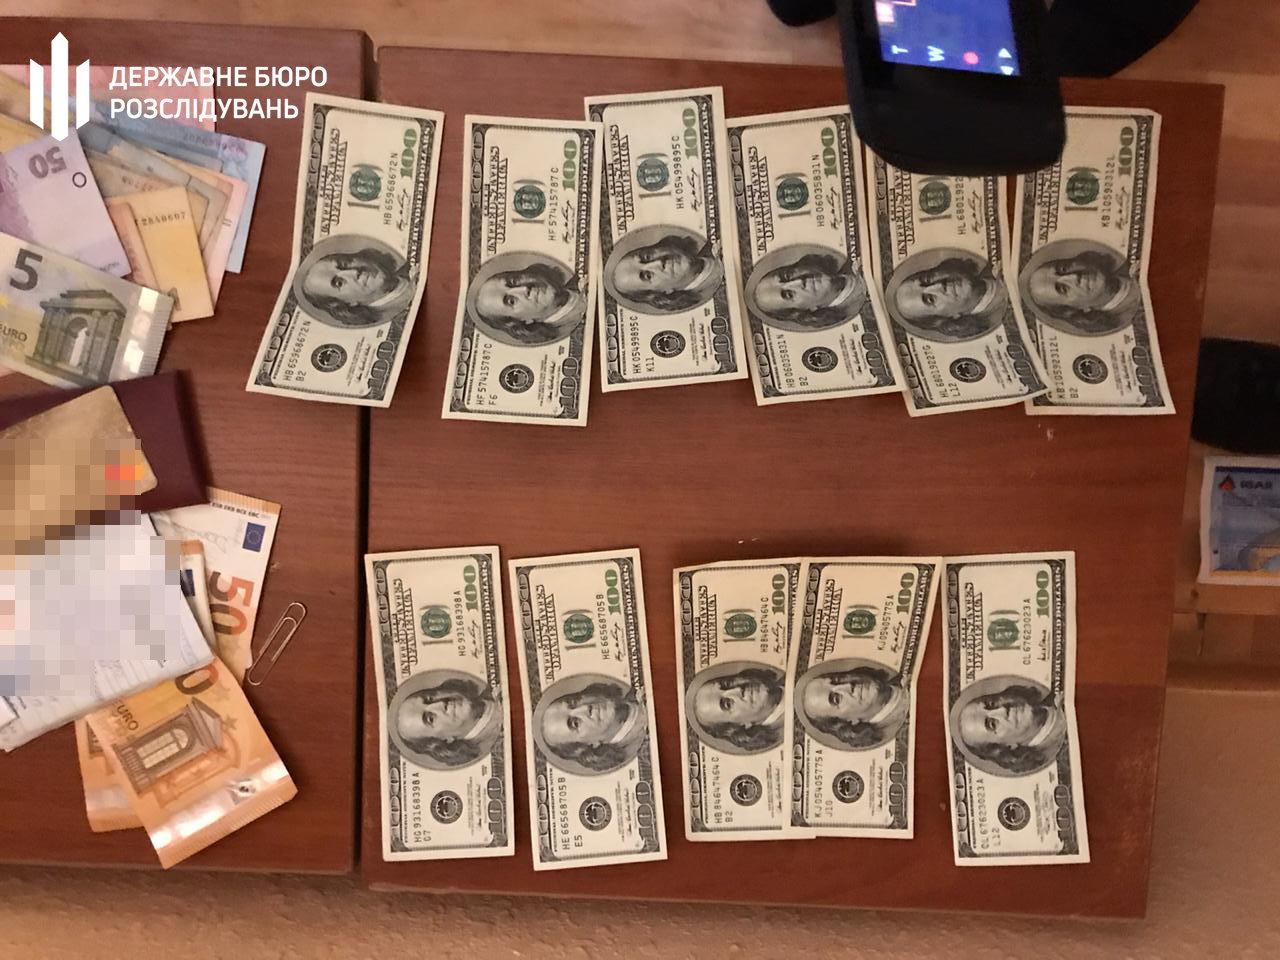 1800 доларів США за безперешкодне проходження військової служби – ДБР затримало начальника відділу прикордонної служби, фото-1